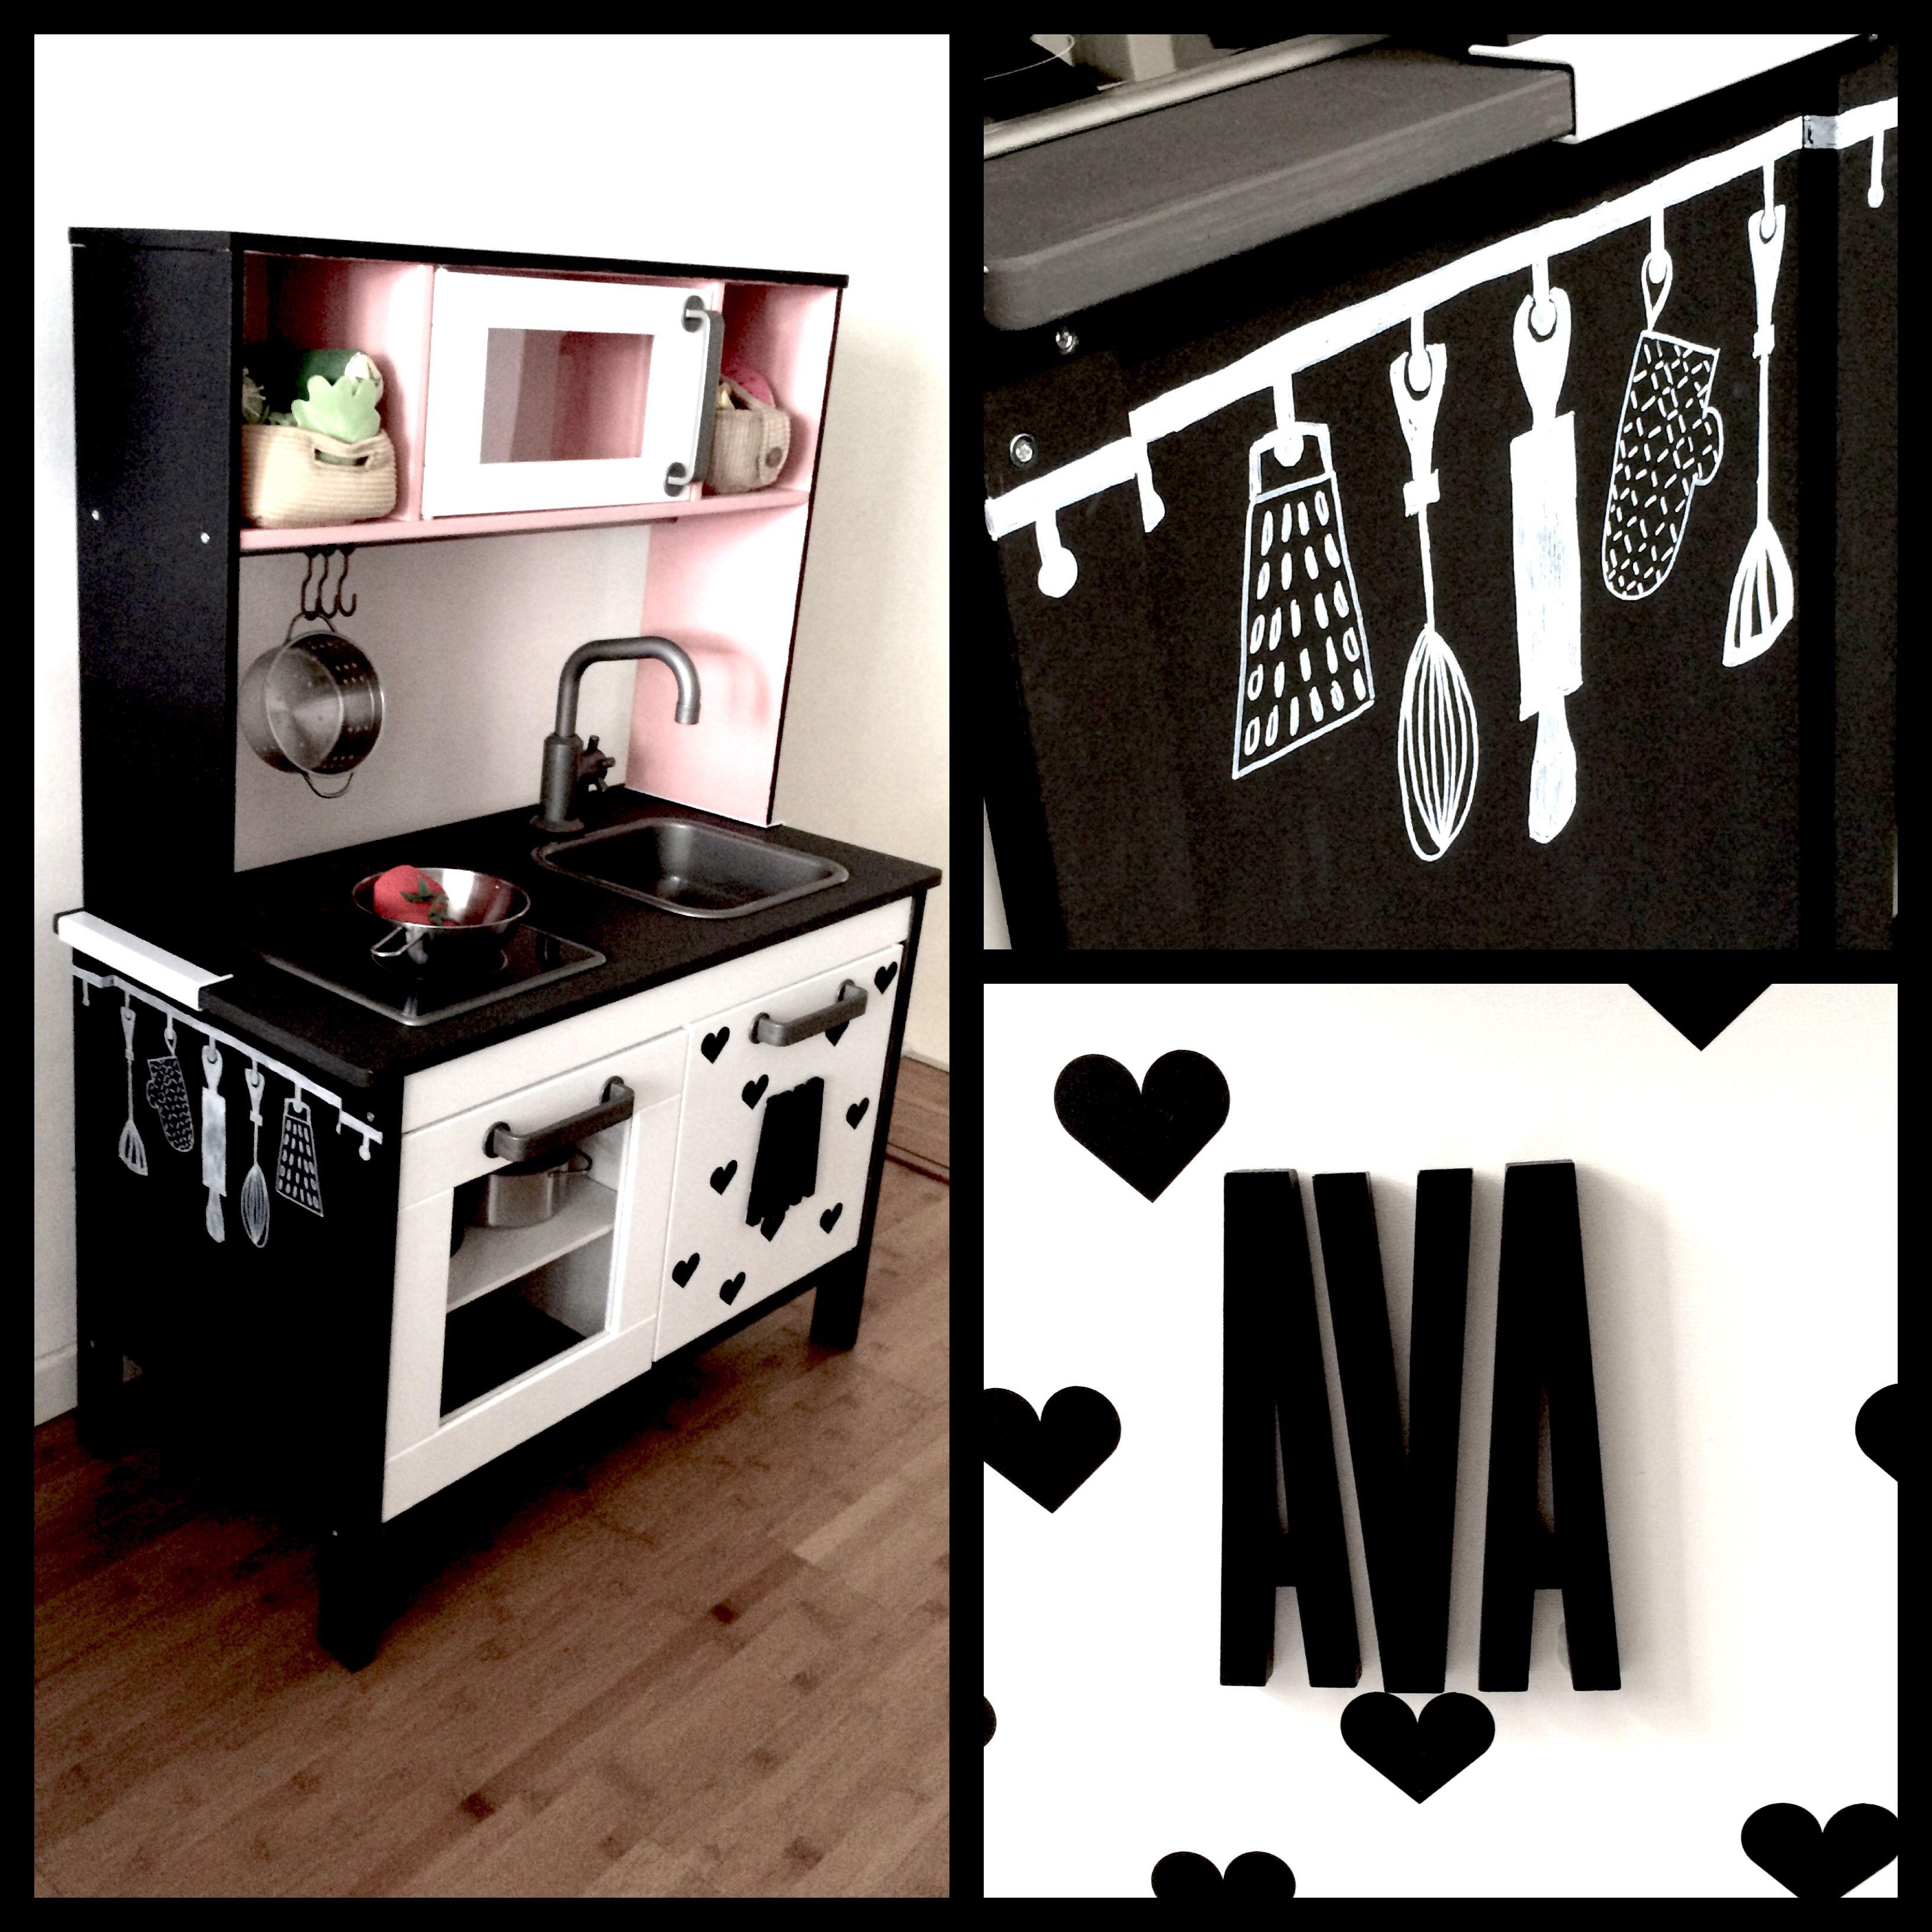 Omas Küche Binz Facebook | Ikea Kinderküche Rückwand | Diy ...